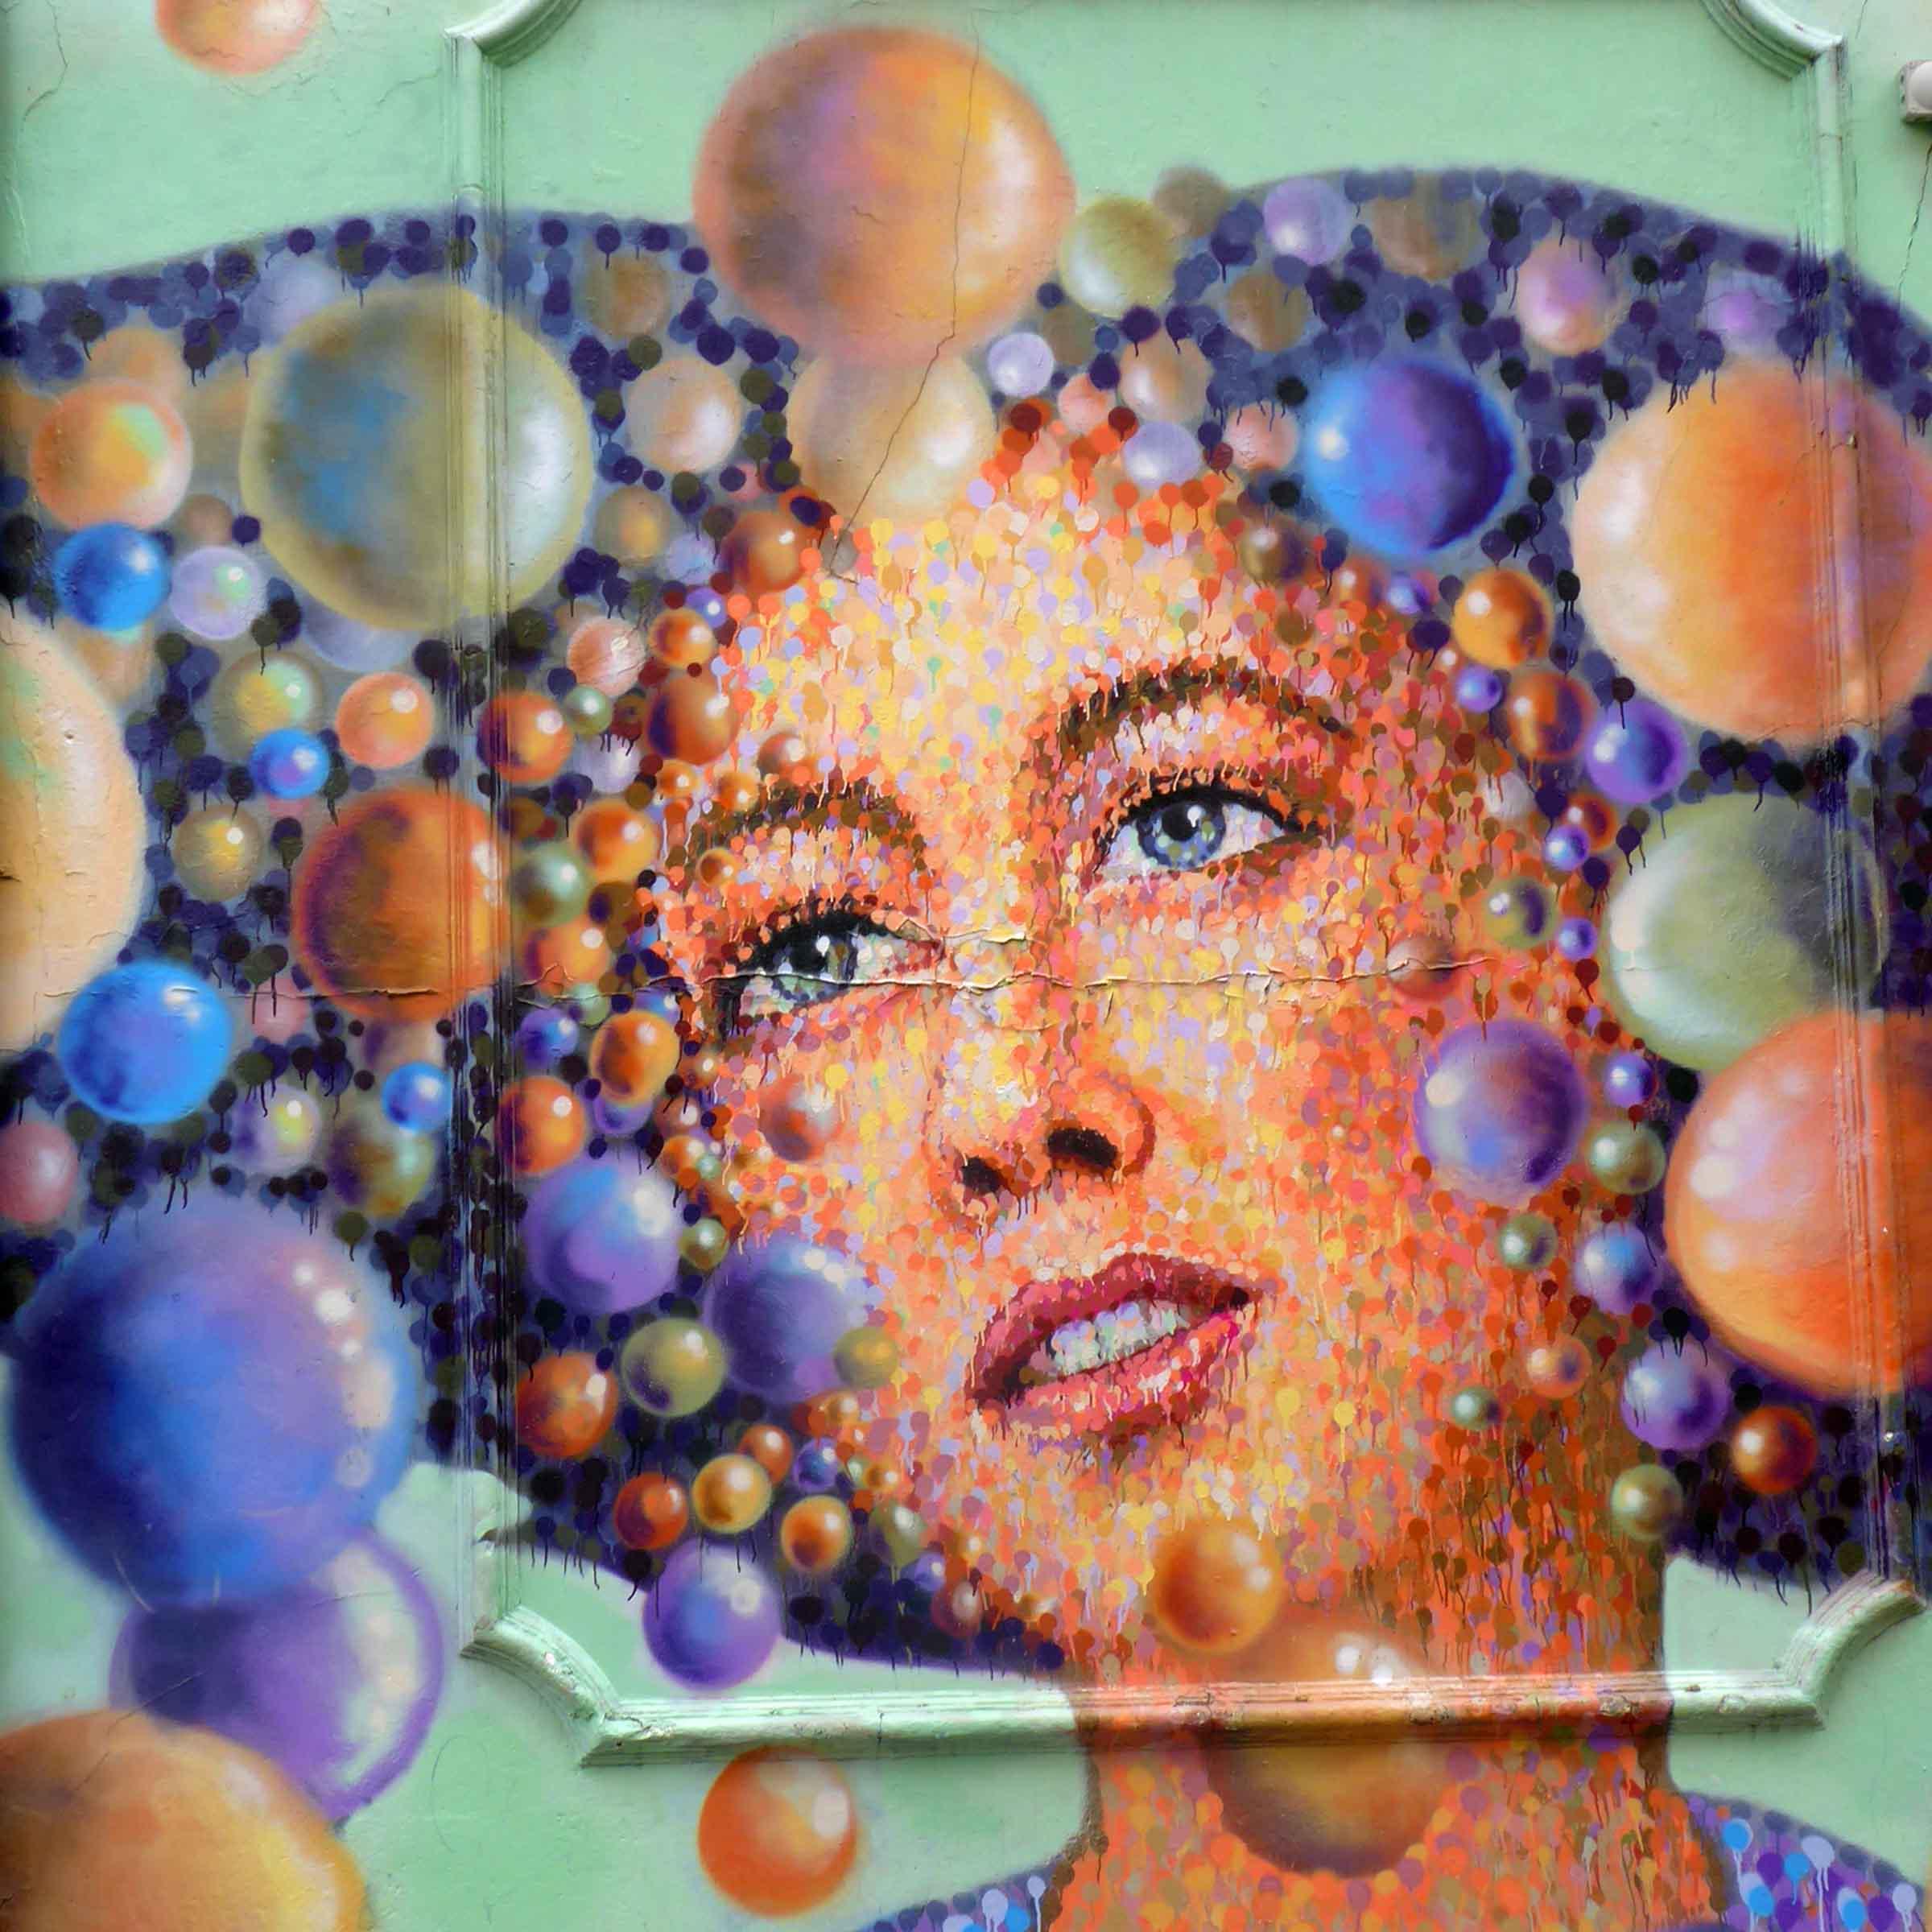 Mural of girl's face